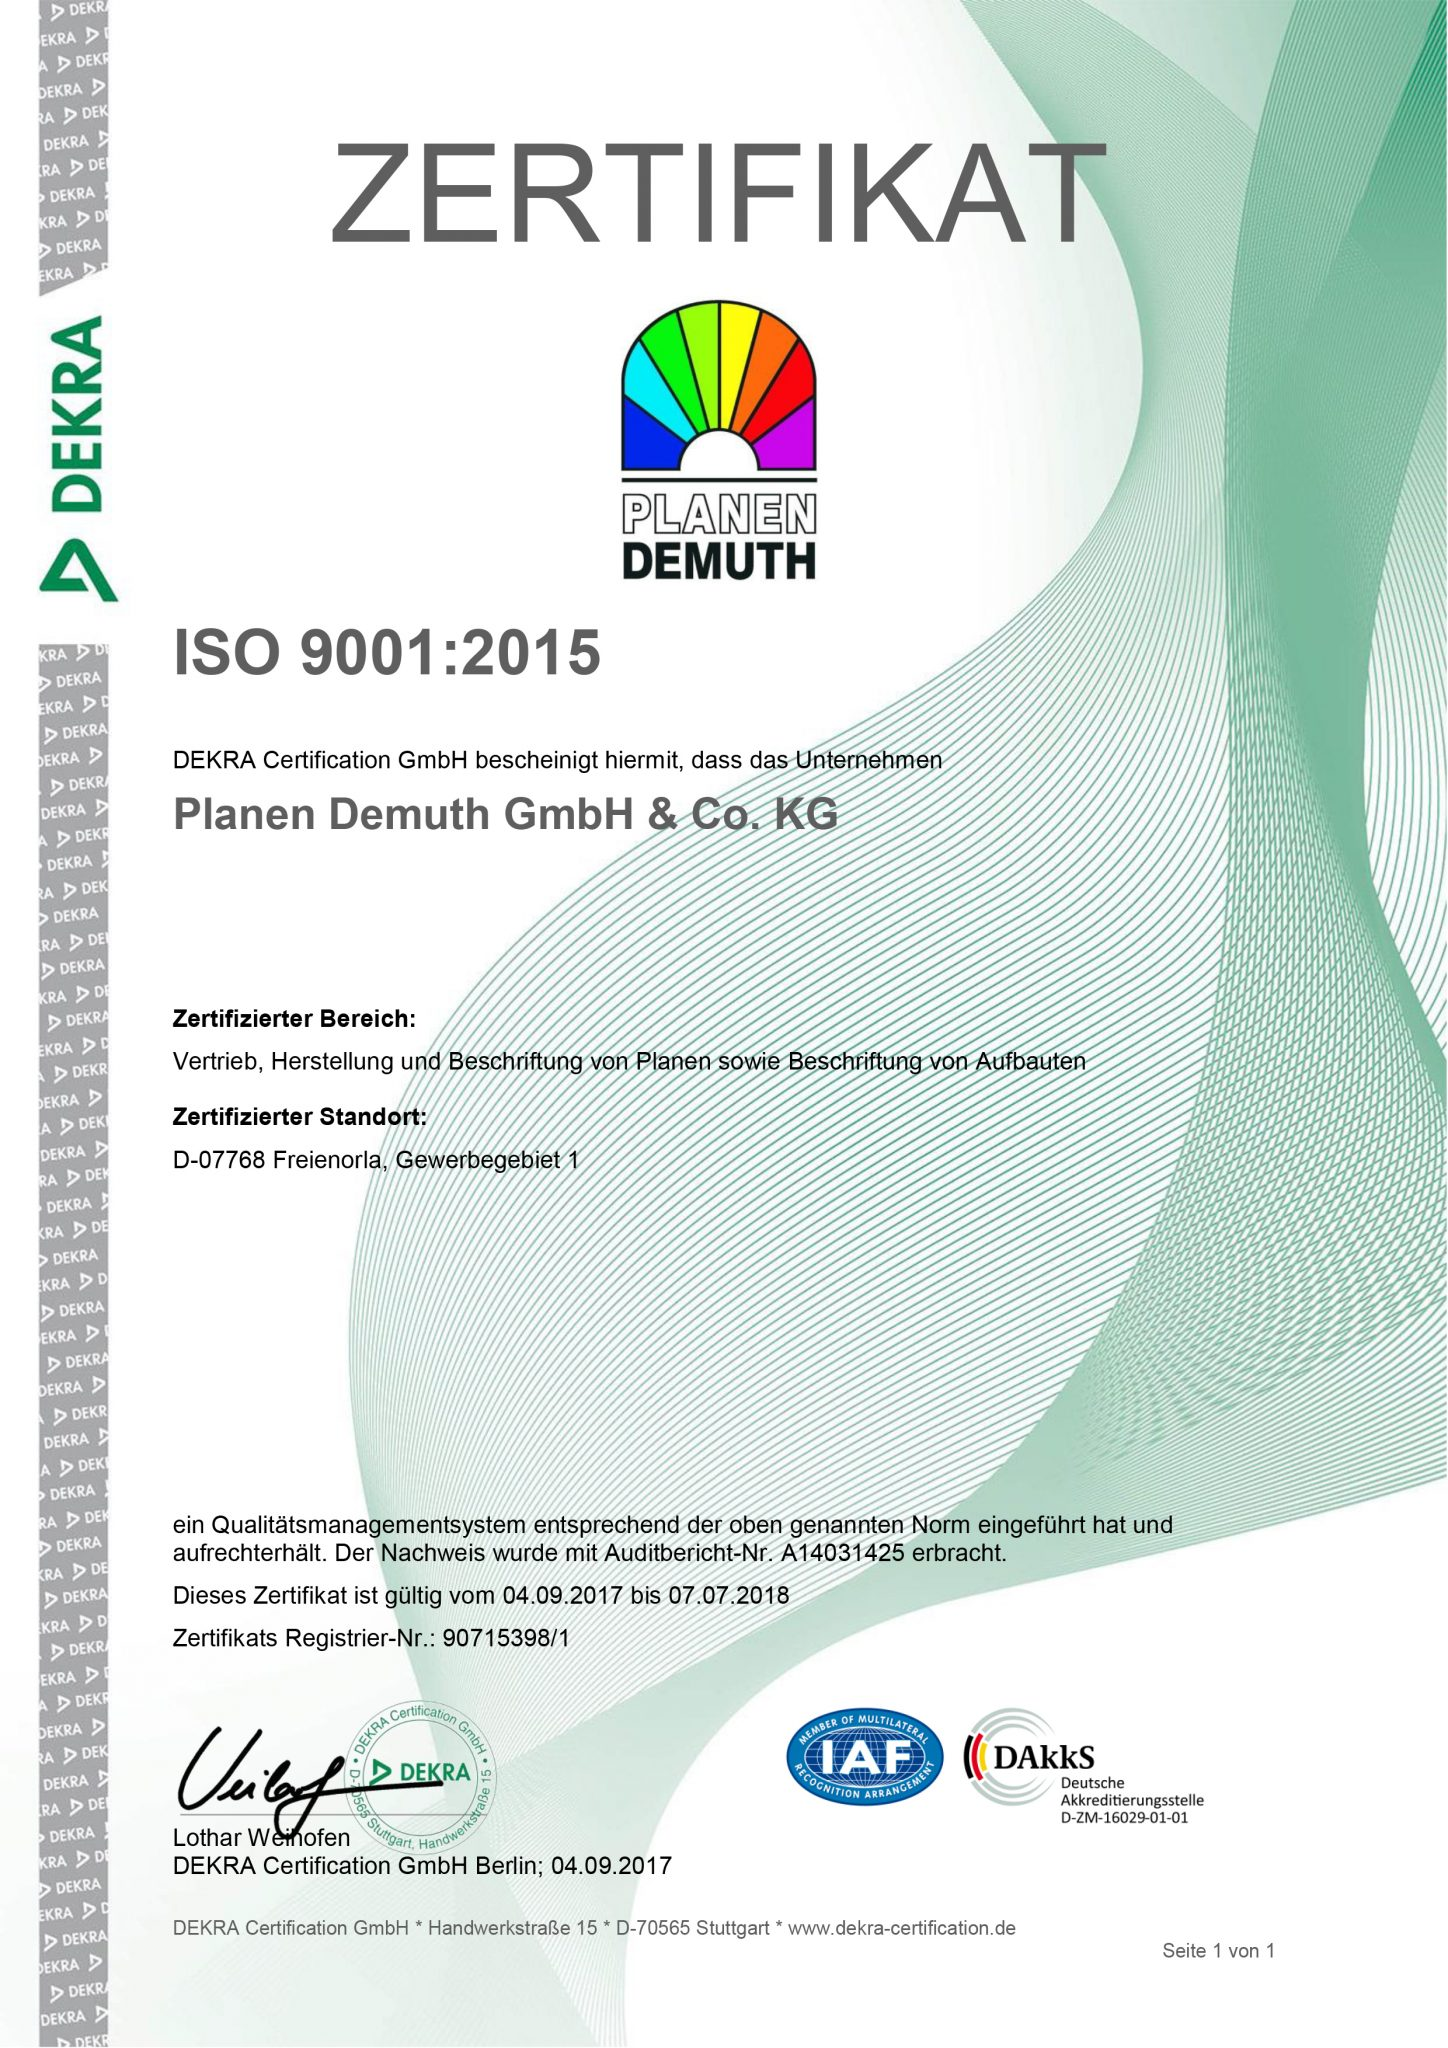 Zertifikat ISO 9001-2015_Demuth